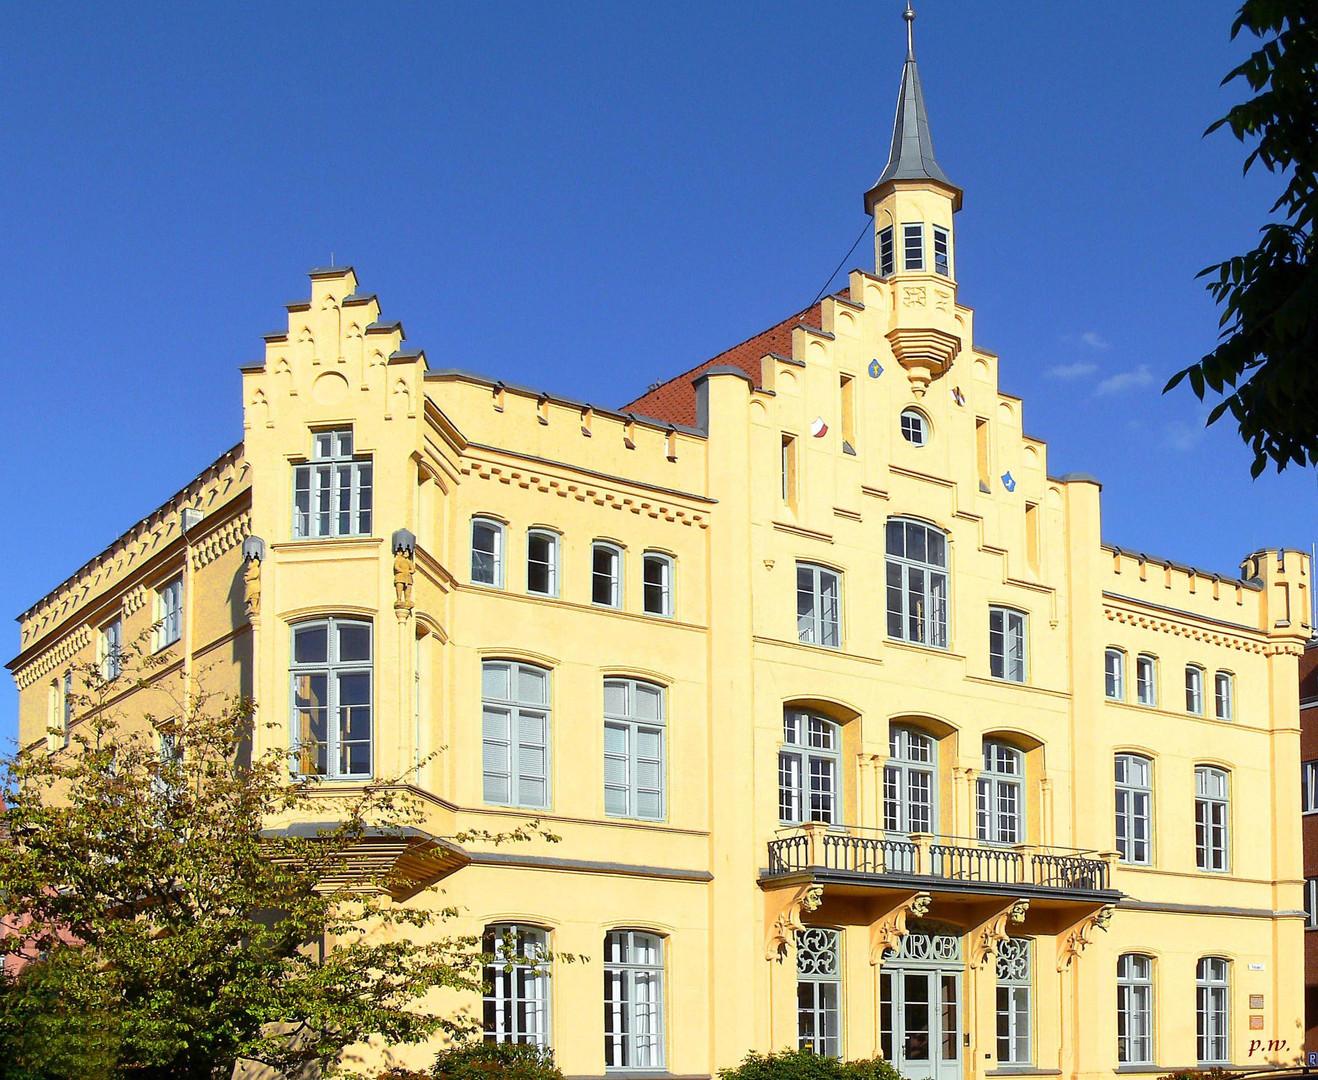 Schloß Rantzau